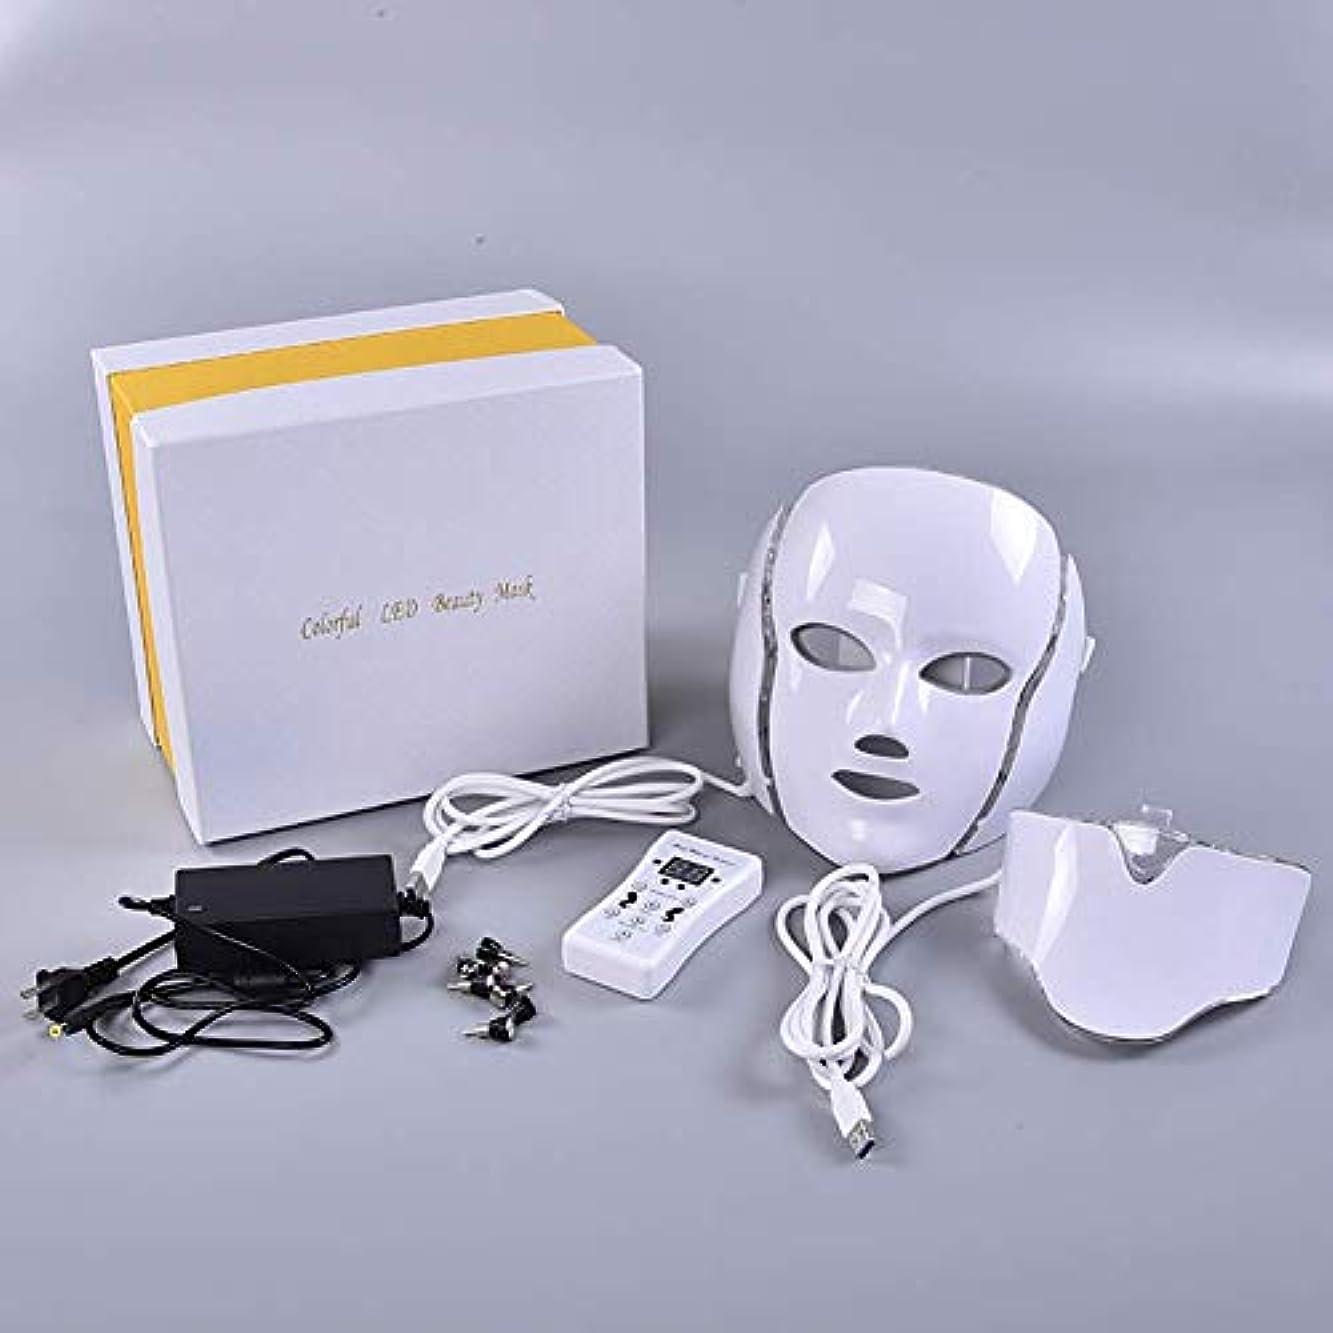 取り出す位置づける安全でないLed肌光線療法器具、7色ledライト光子ネオン白熱フェイシャルライト肌の若返りledフェイスマスクケア治療美容